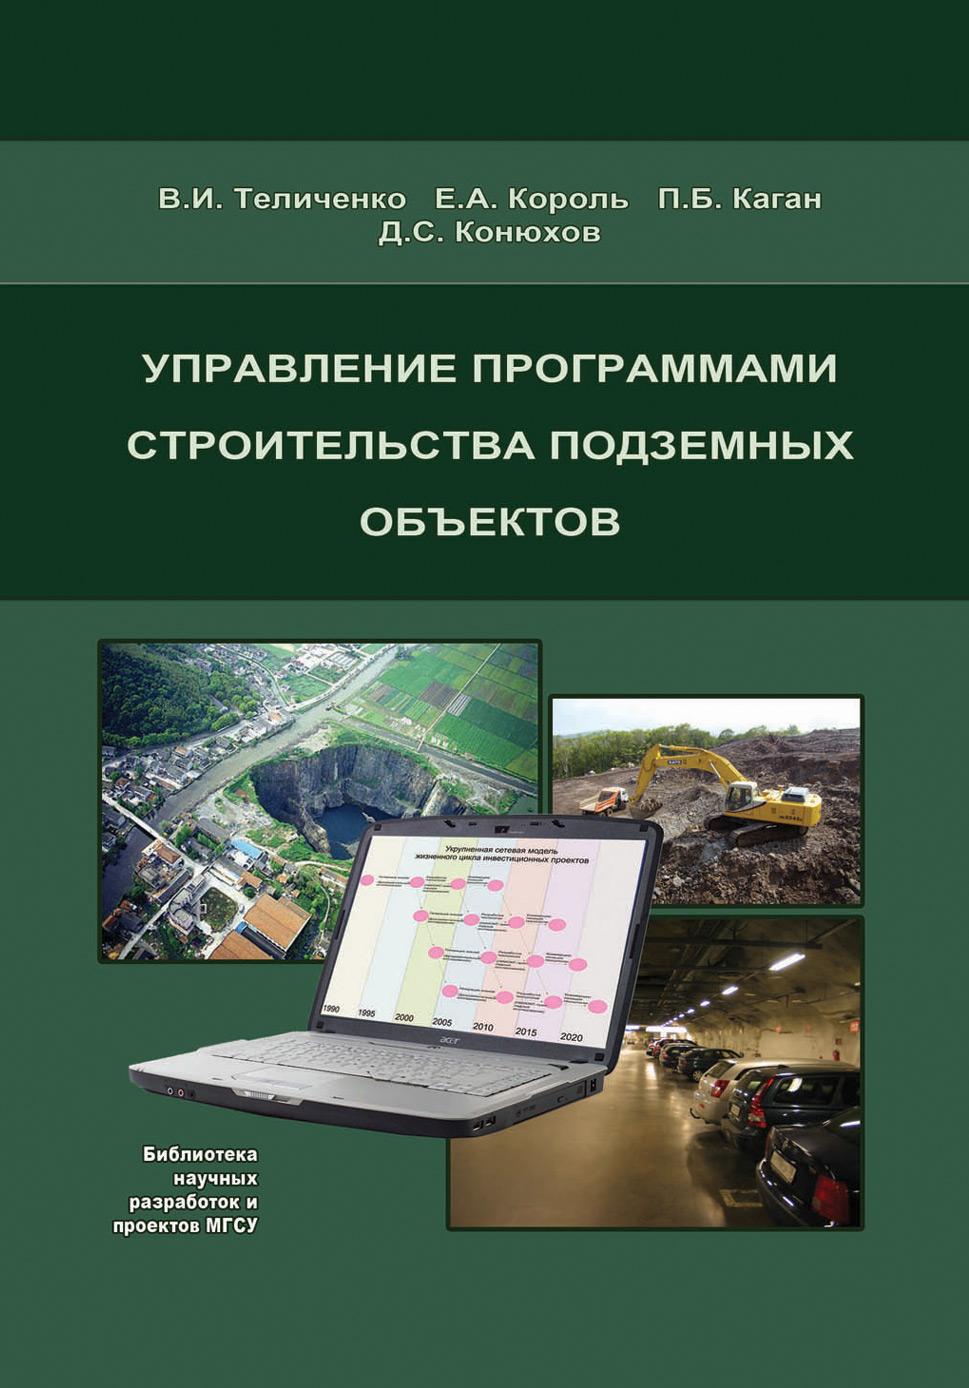 Управление программами строительства подземных объектов